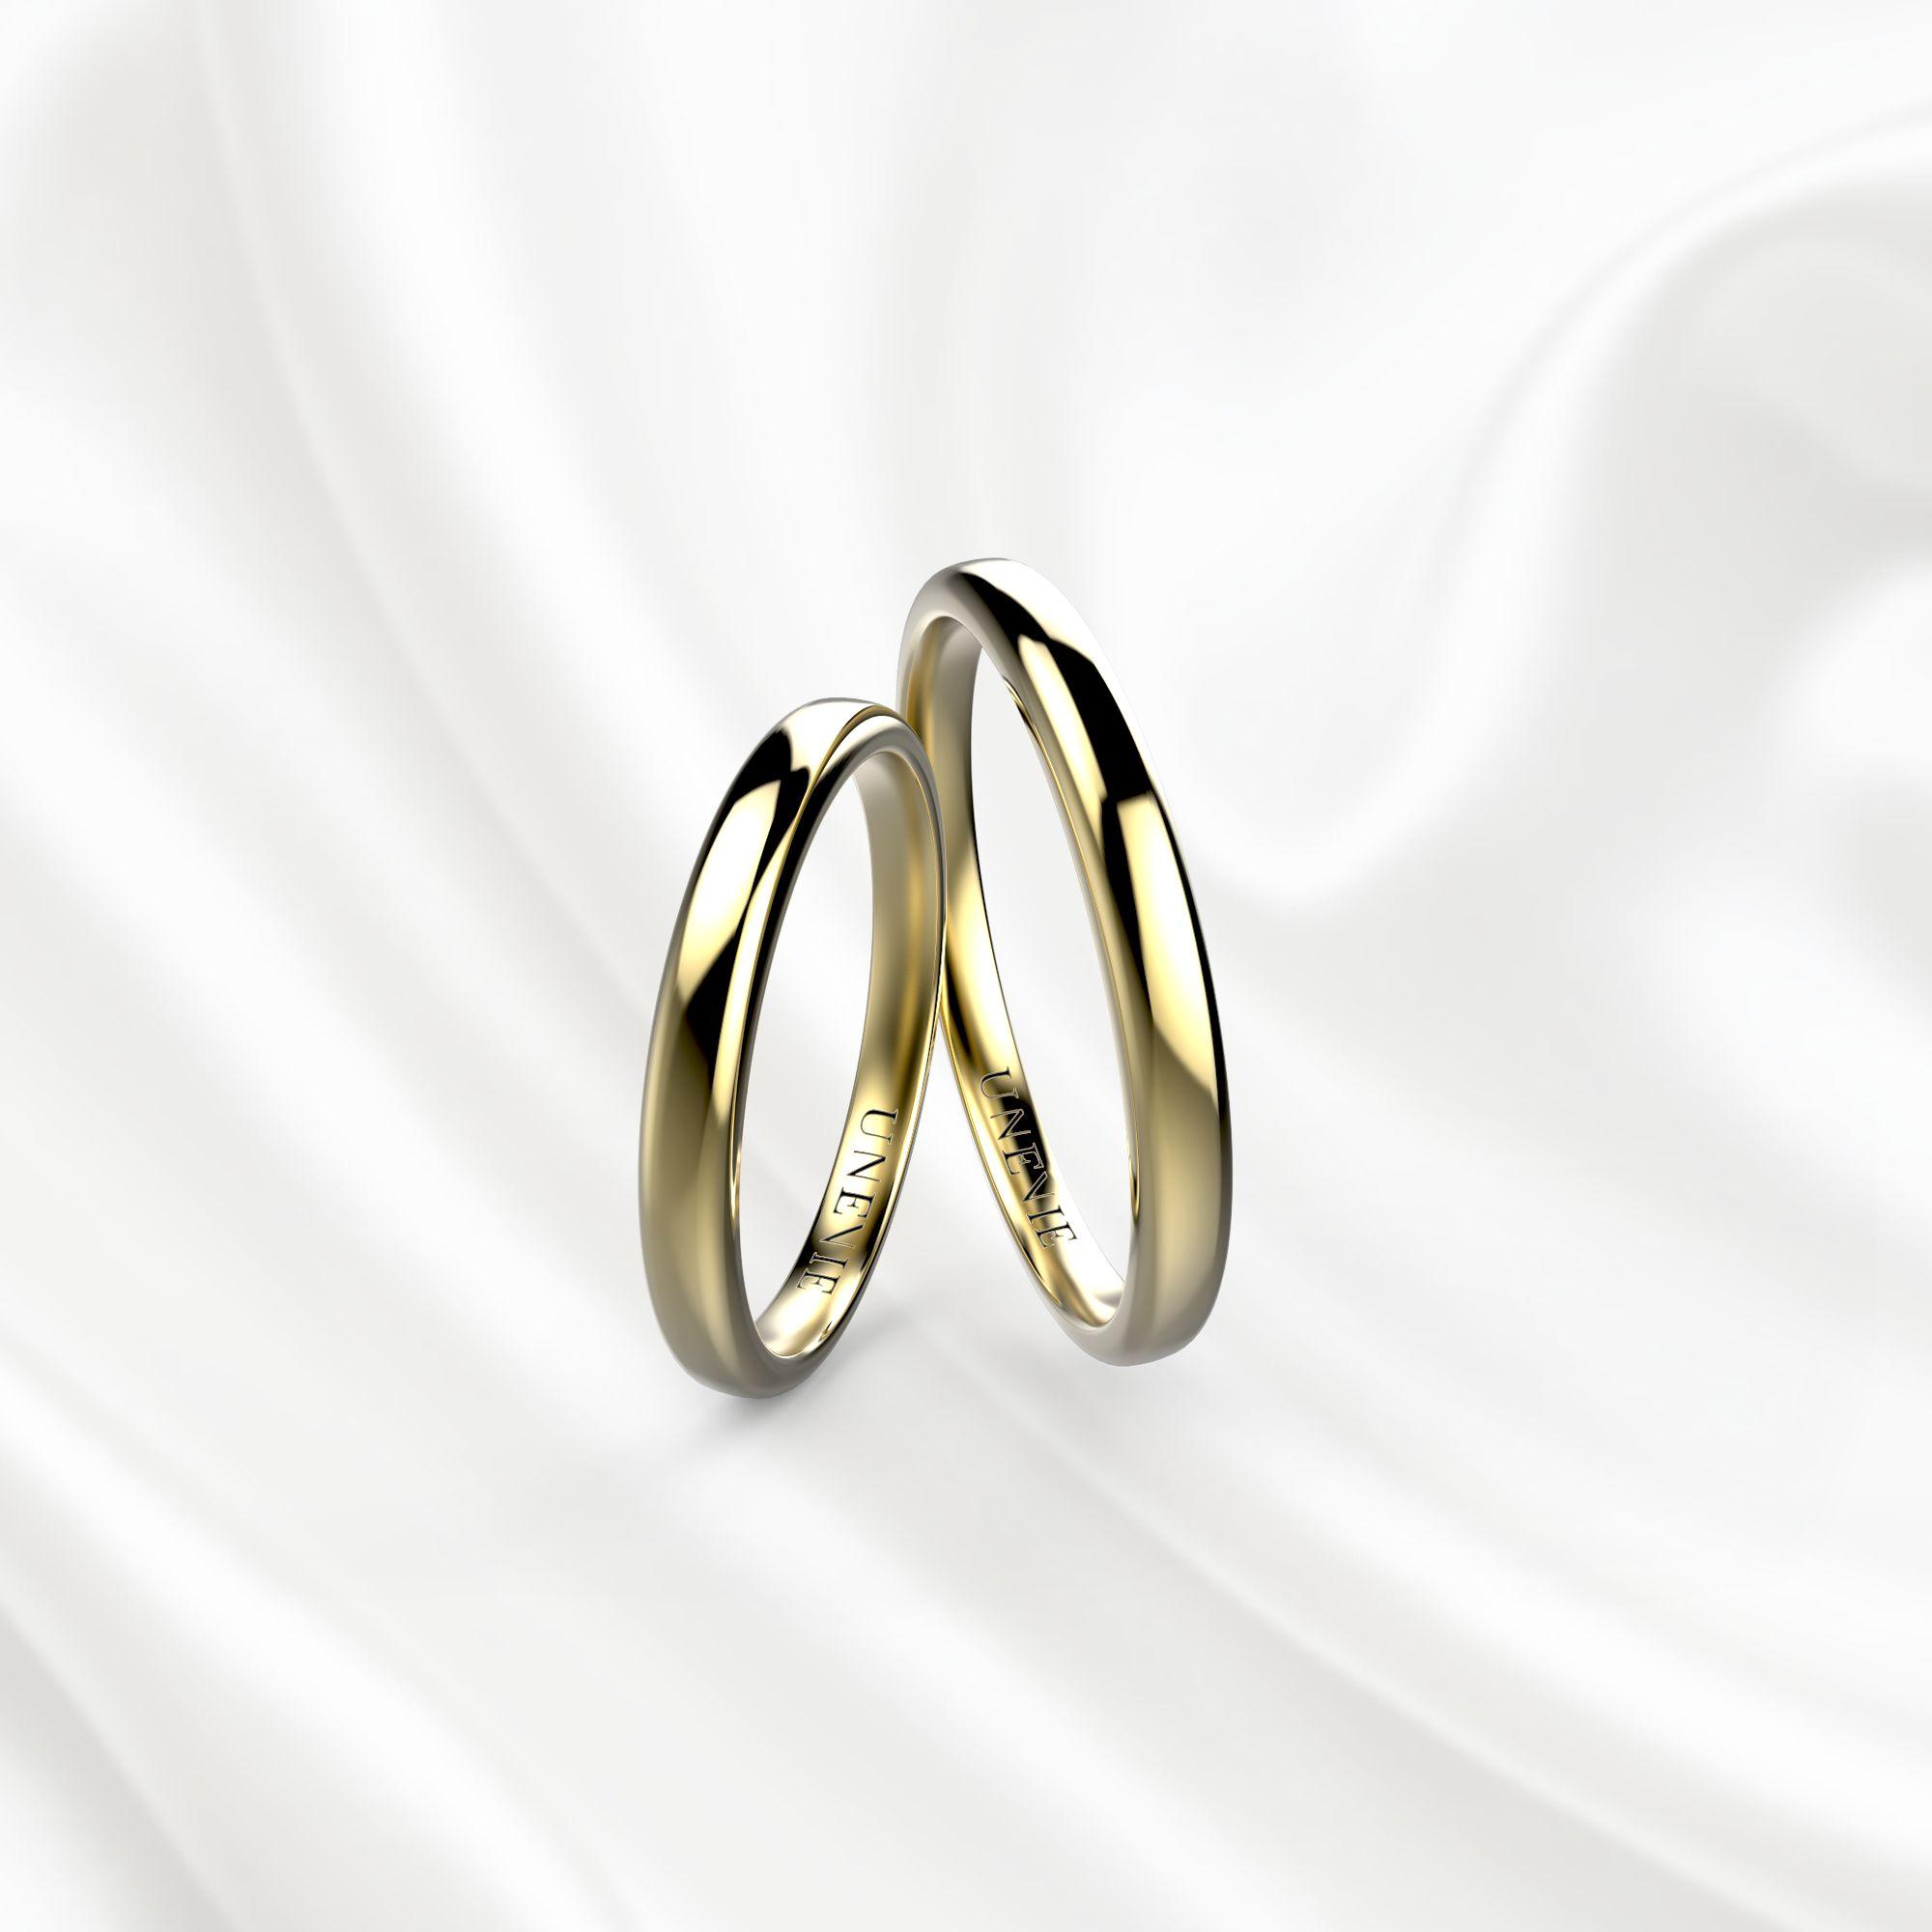 NV20 Обручальные кольца из желтого золота